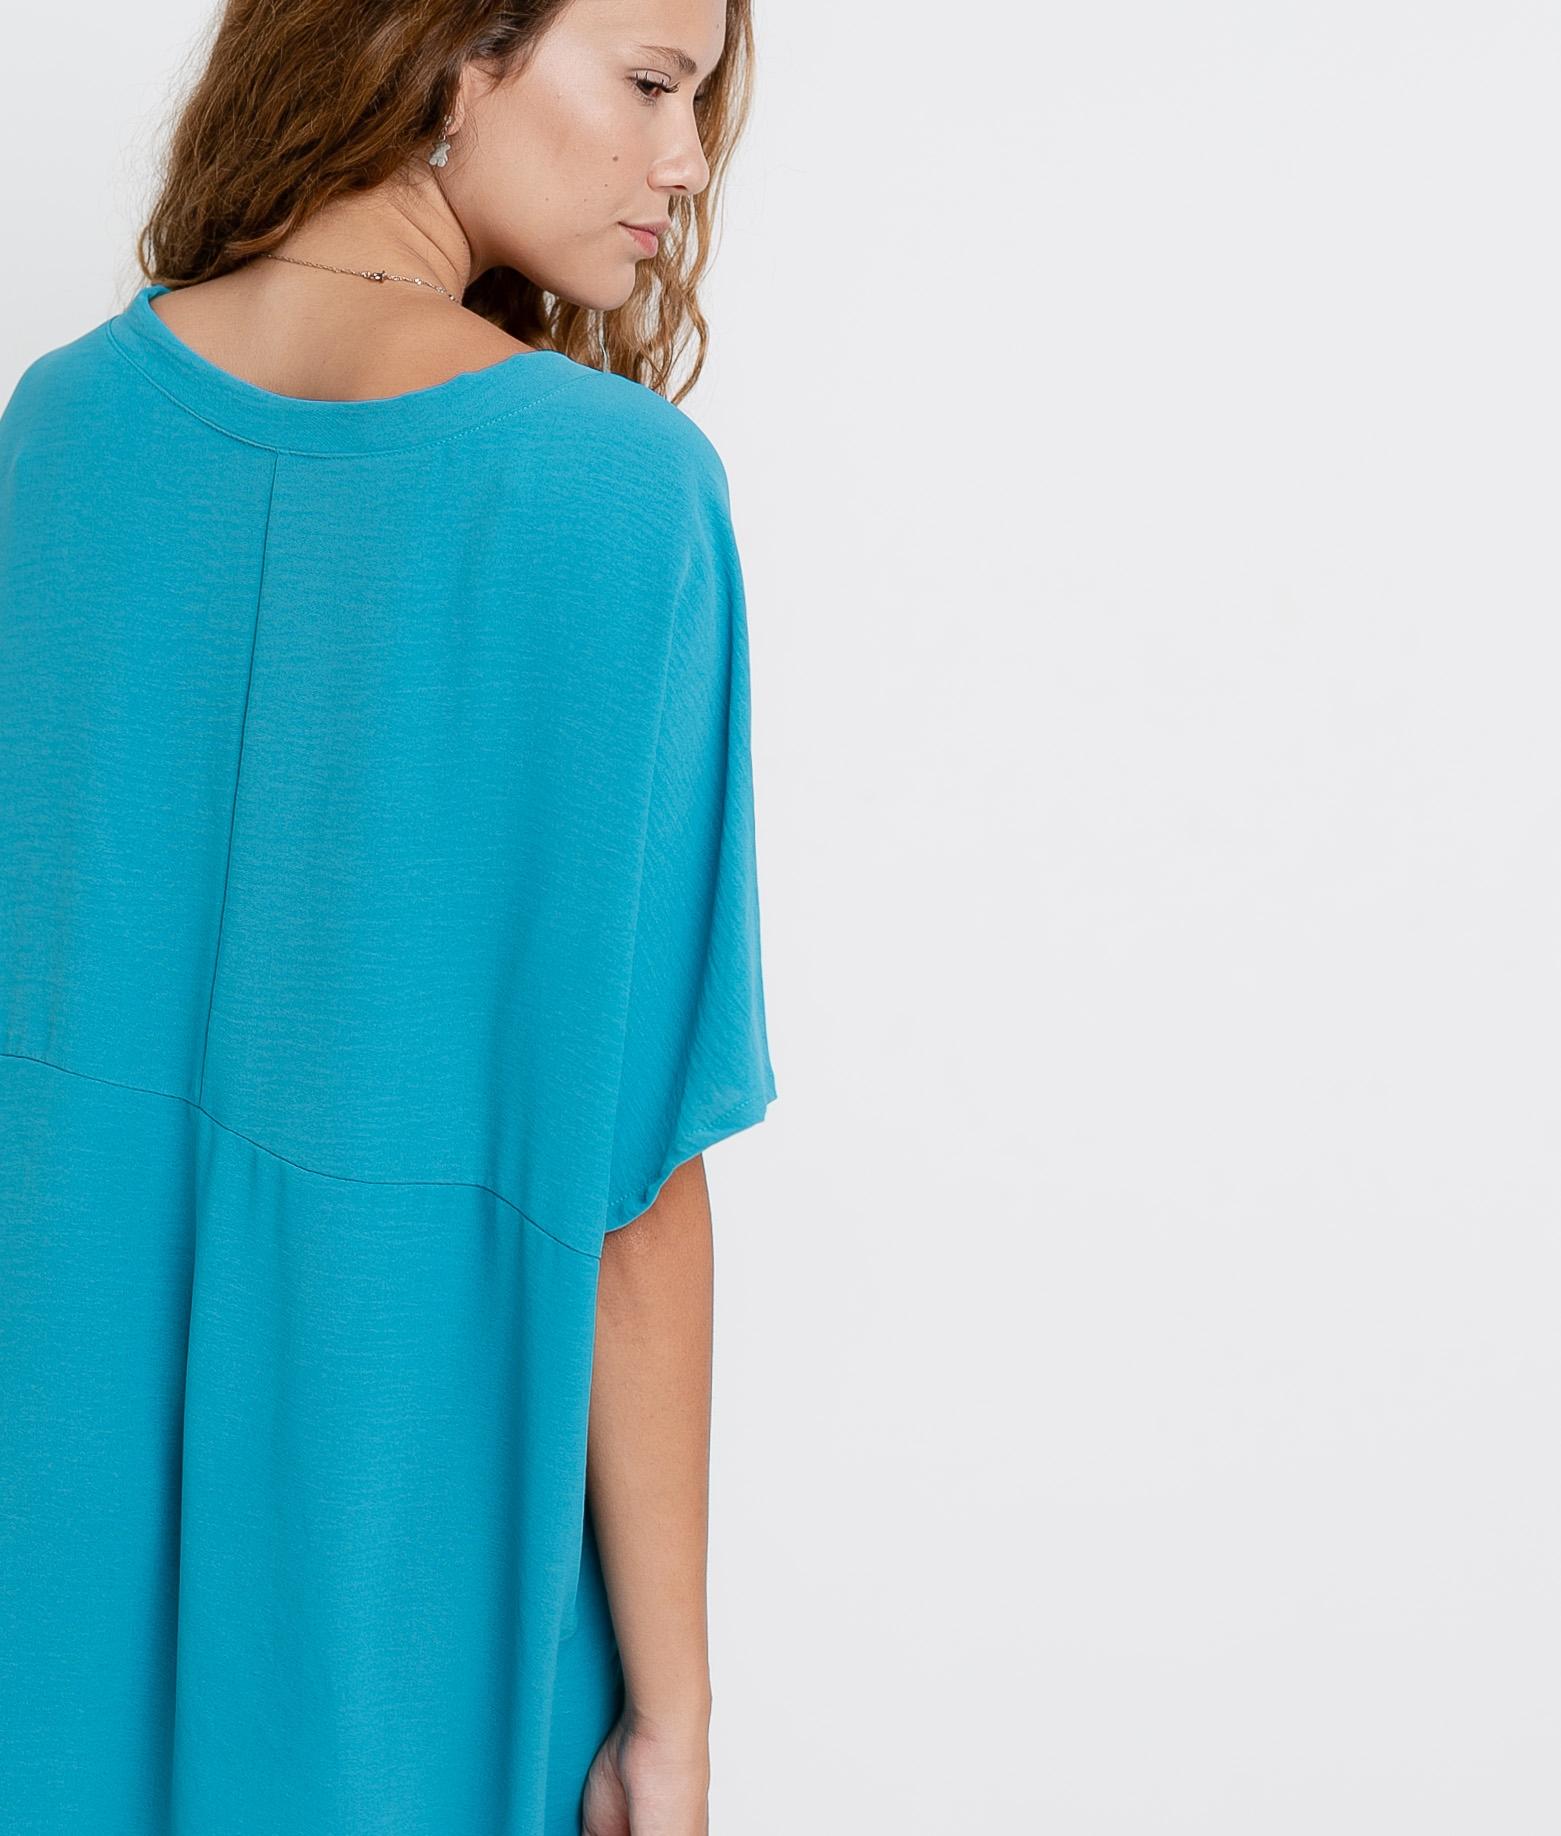 Vestido Luba - Azul